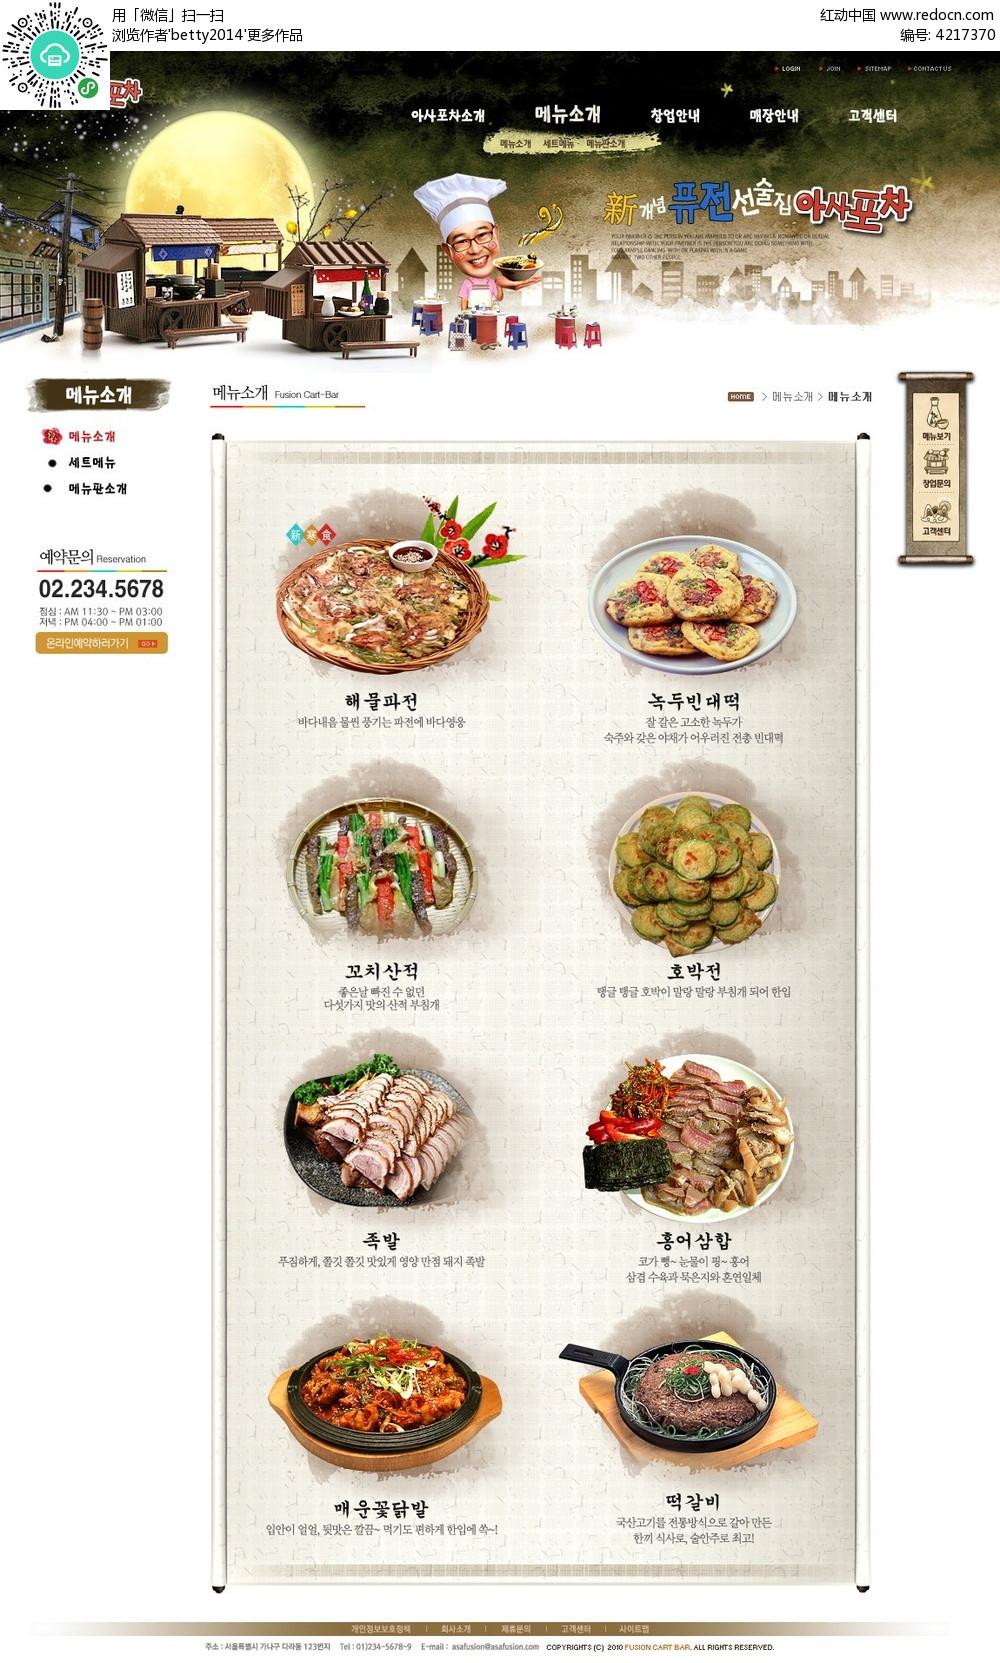 手机美食app网页界面设计模板